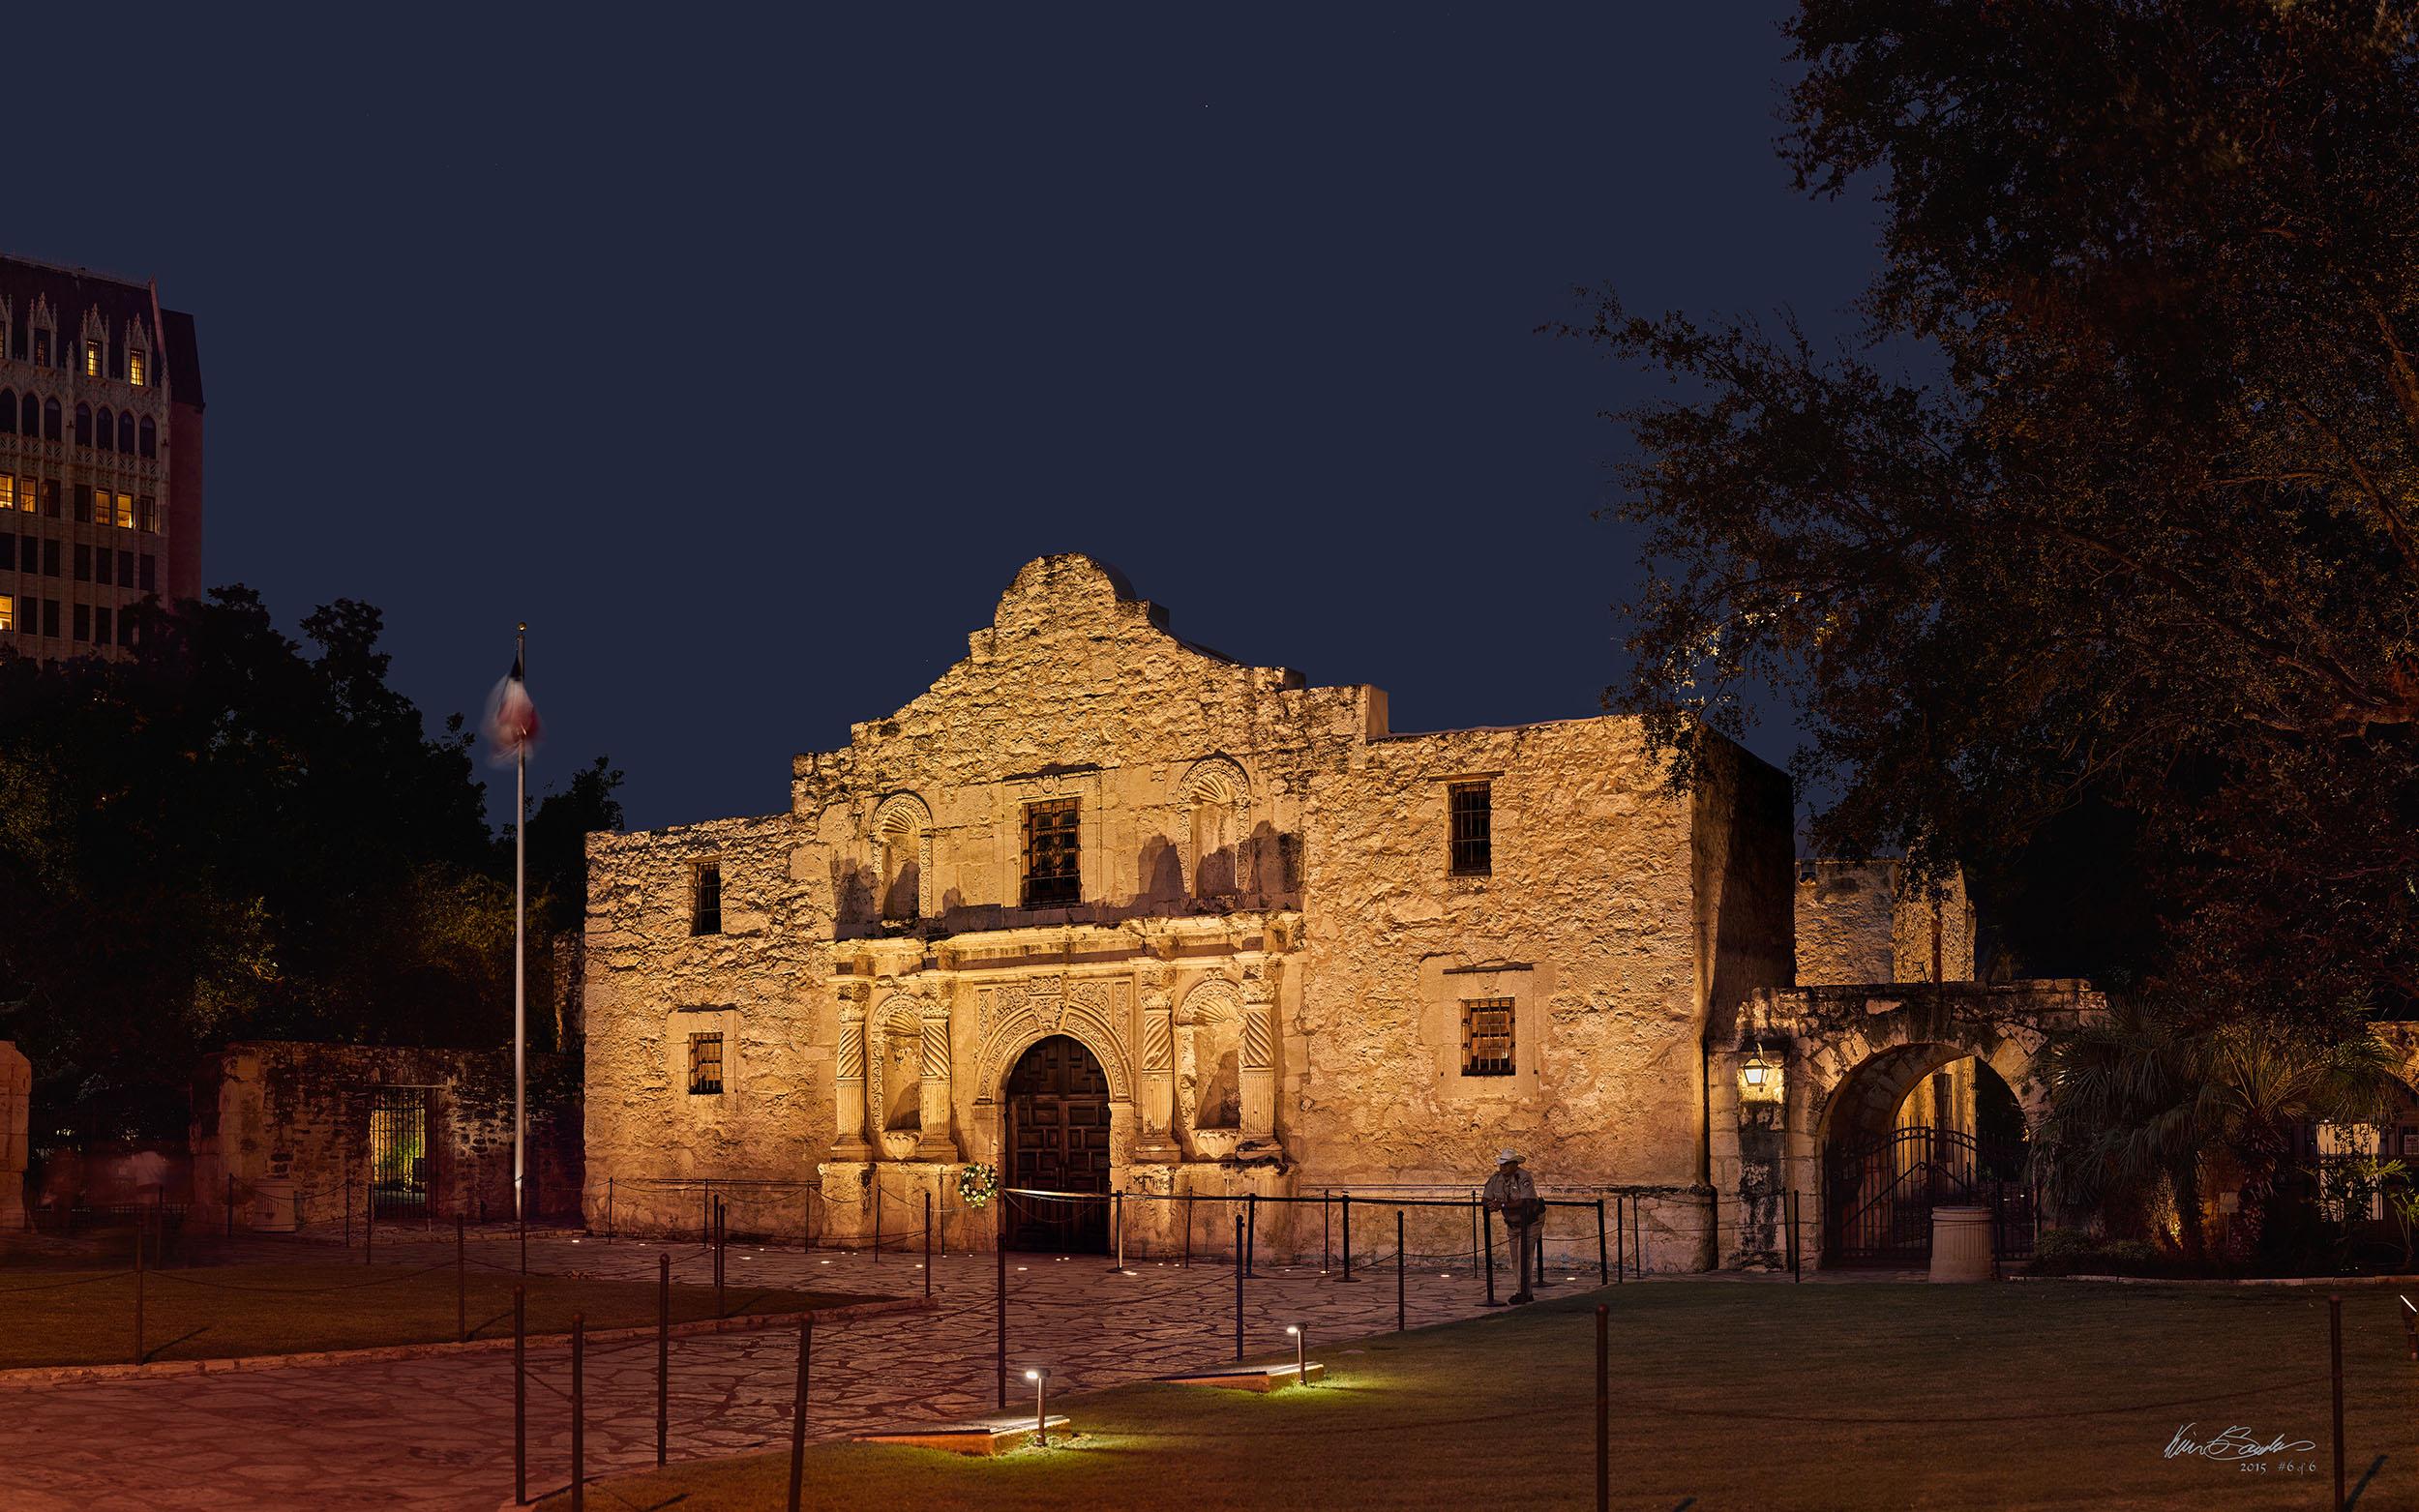 Alamo 280 x 176 Inches